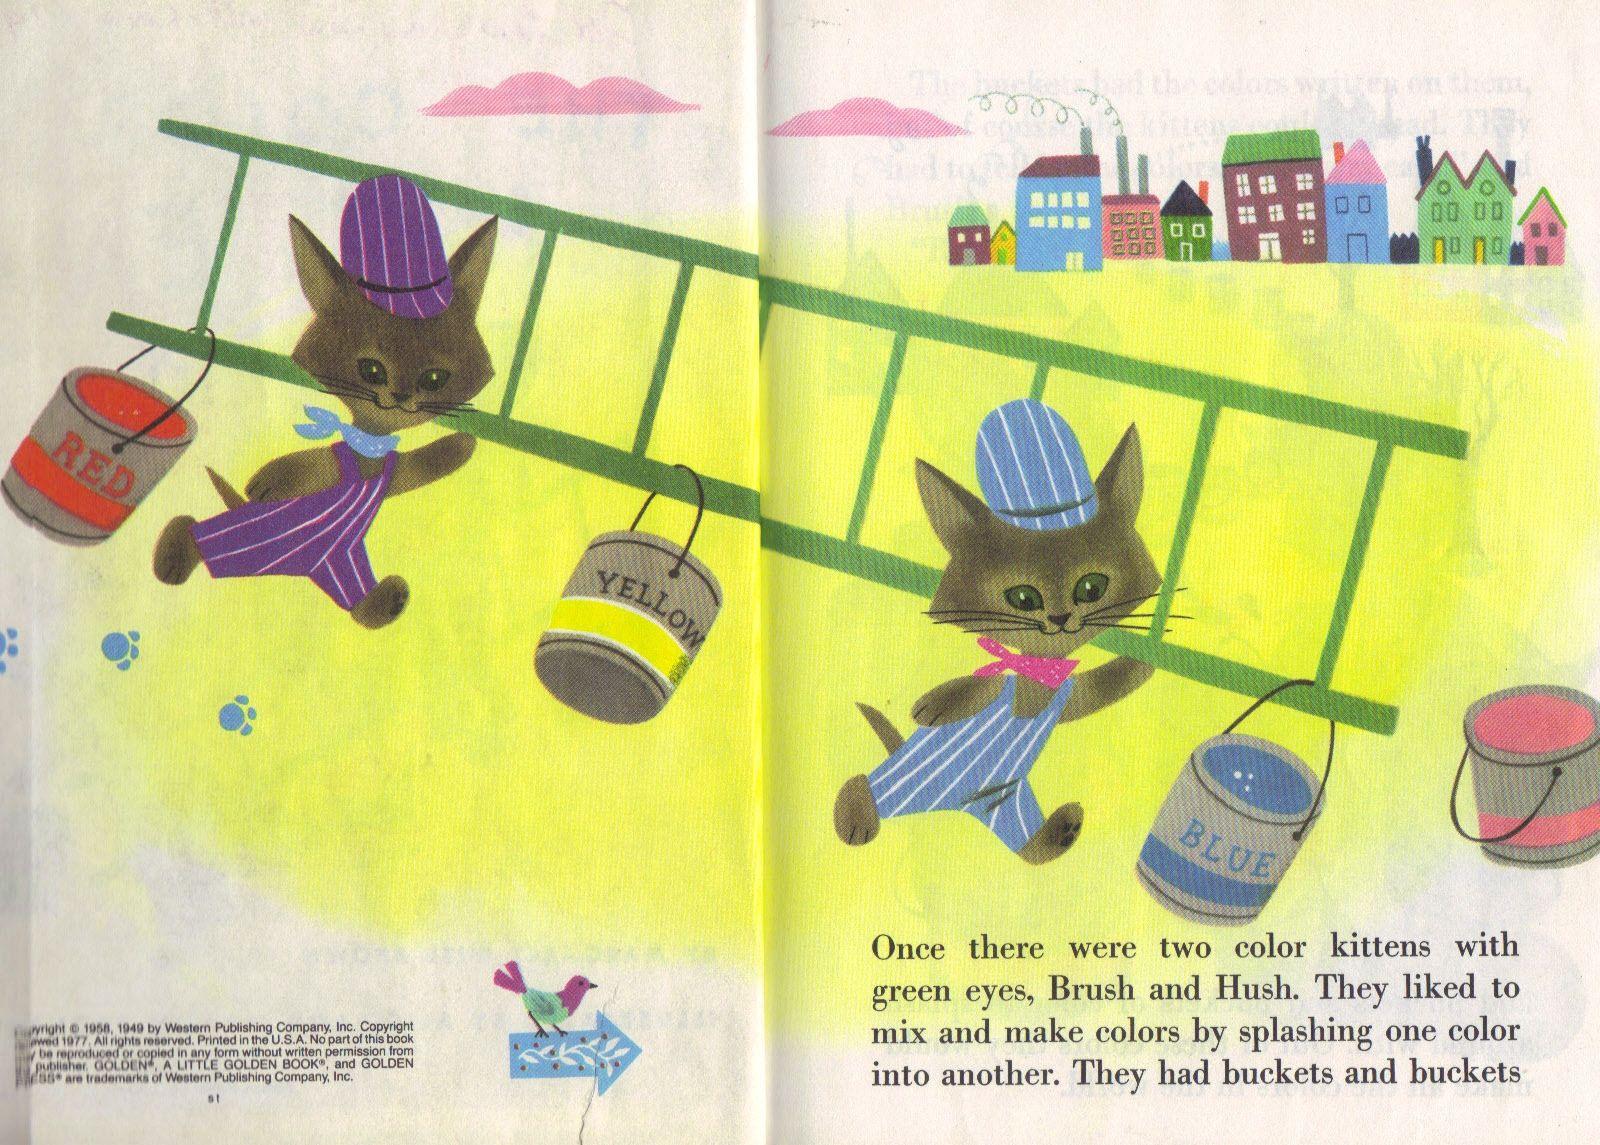 The Color Kittens Childrens Books Illustrations Vintage Children Kittens